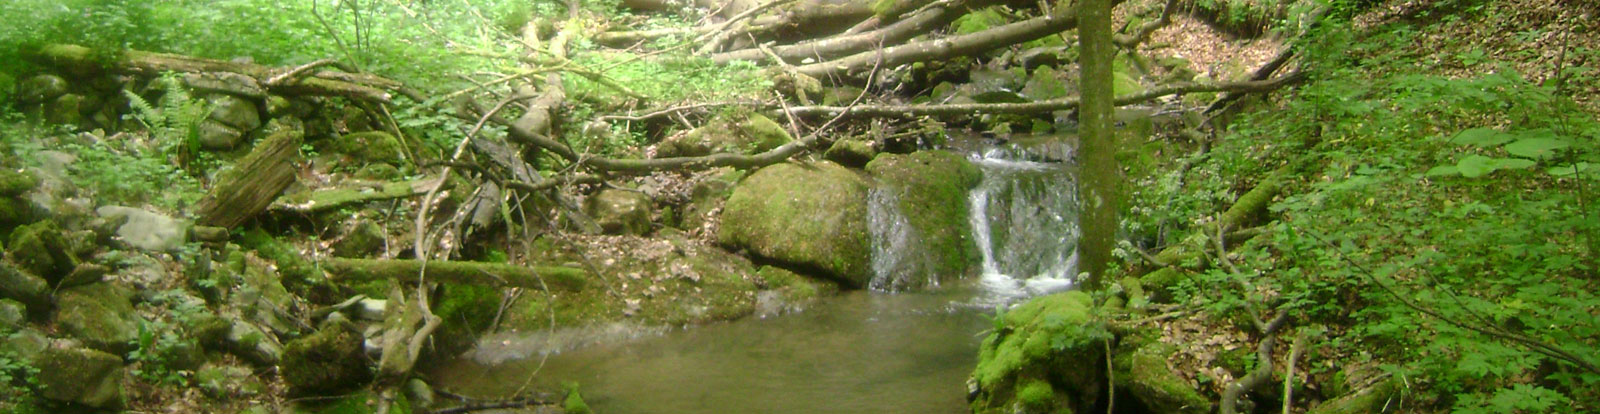 nacionalni-park-kozara-geologija-1